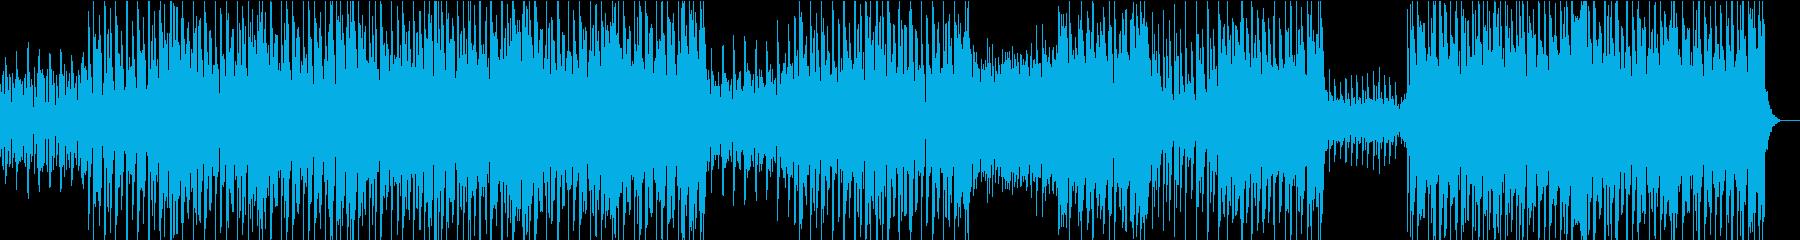 酸性のシンセとフランジ付きギターの...の再生済みの波形